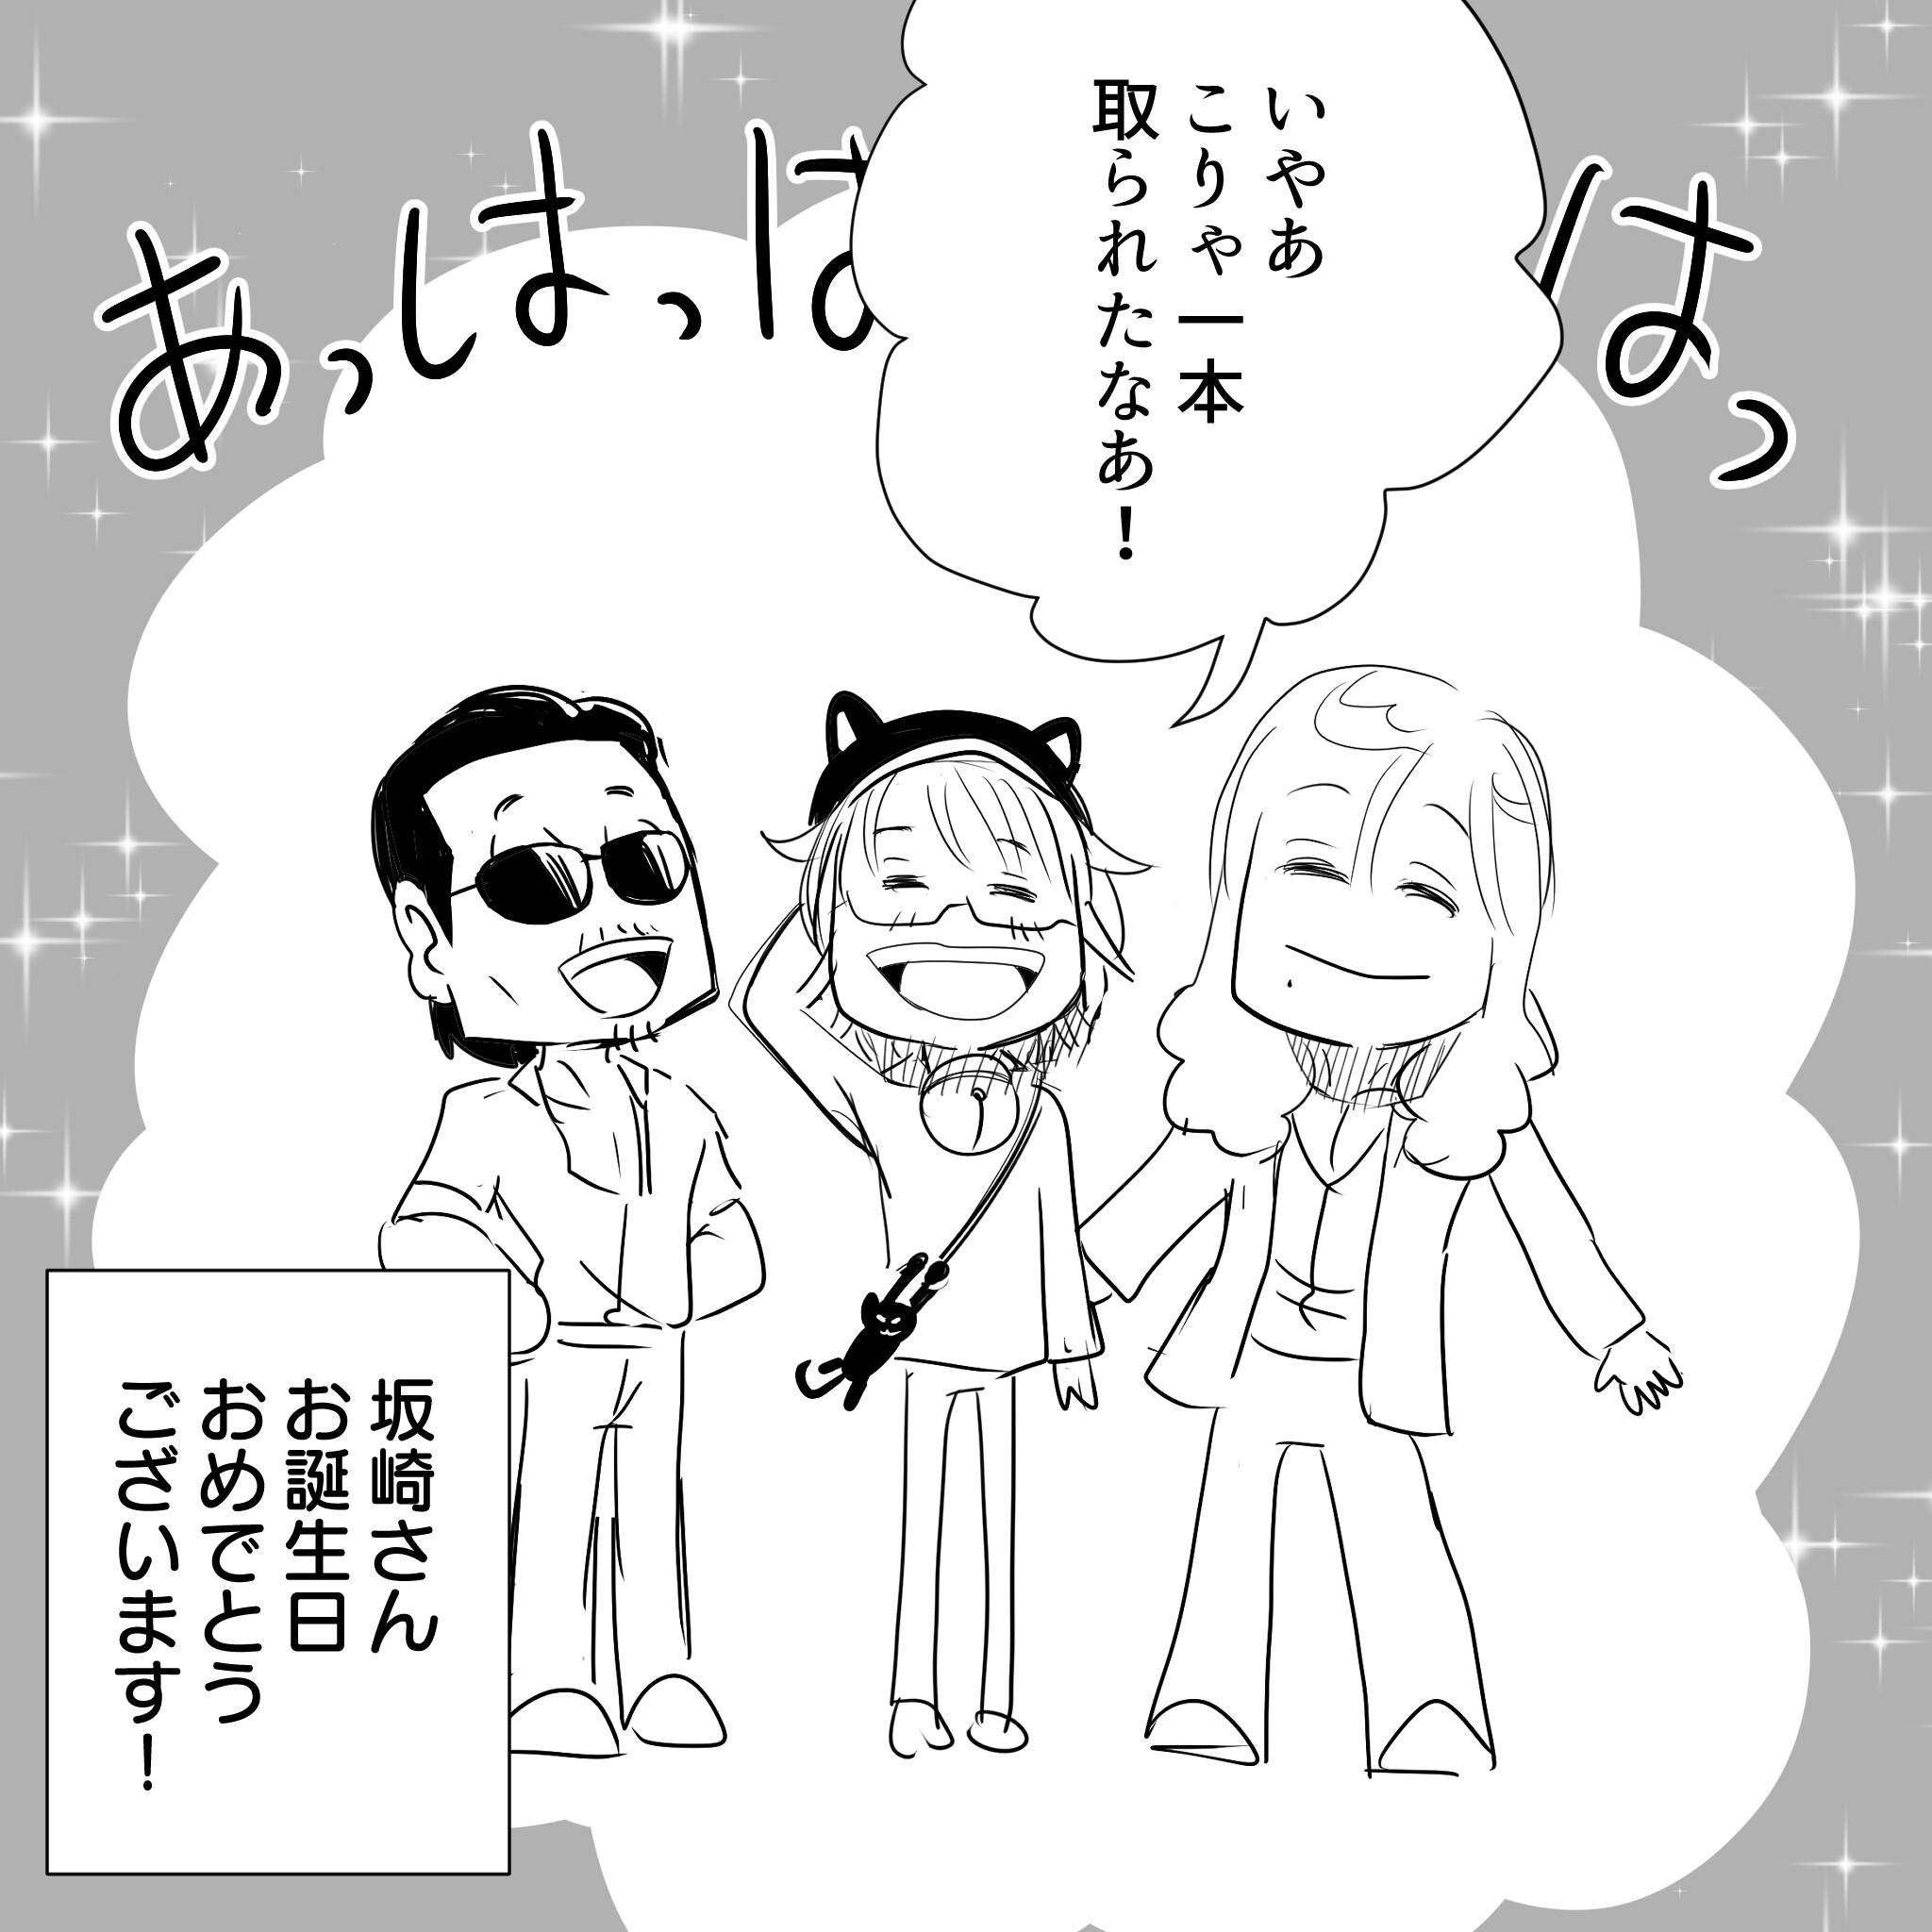 ネコ好きだろ坂崎7